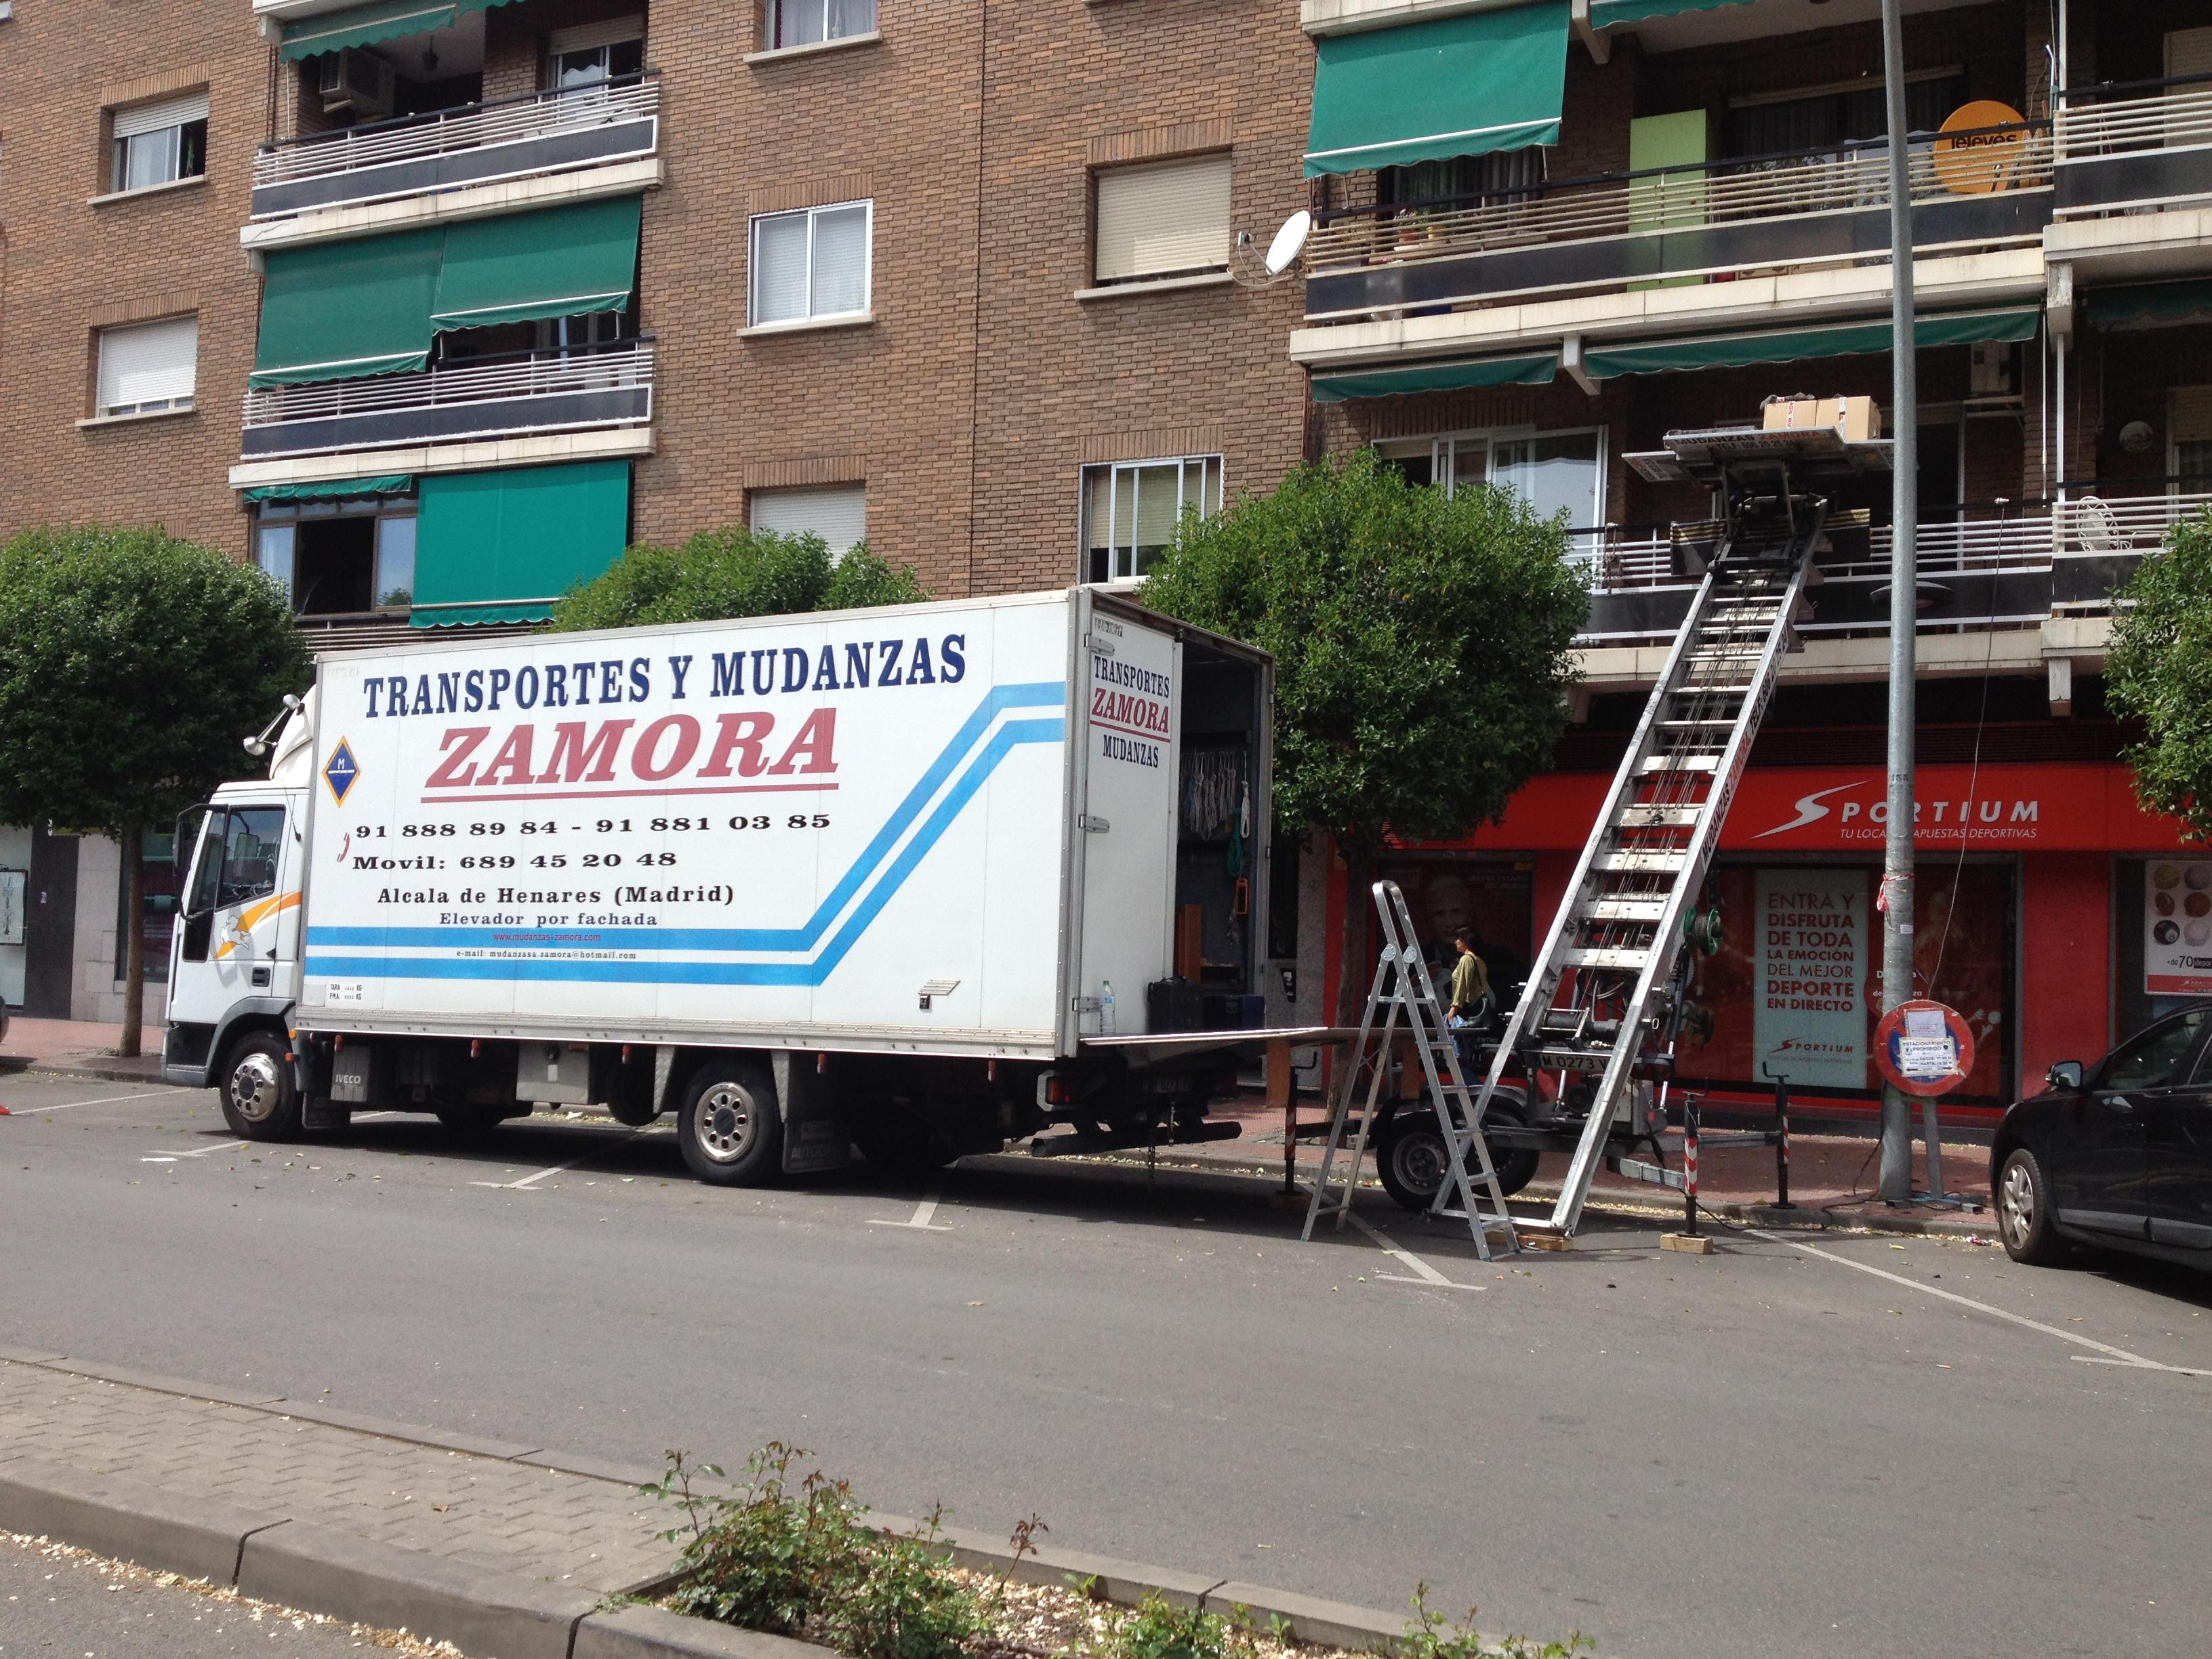 Empresas de mudanzas en alcala de henares cheap for Empresas de mudanzas en alcala de henares